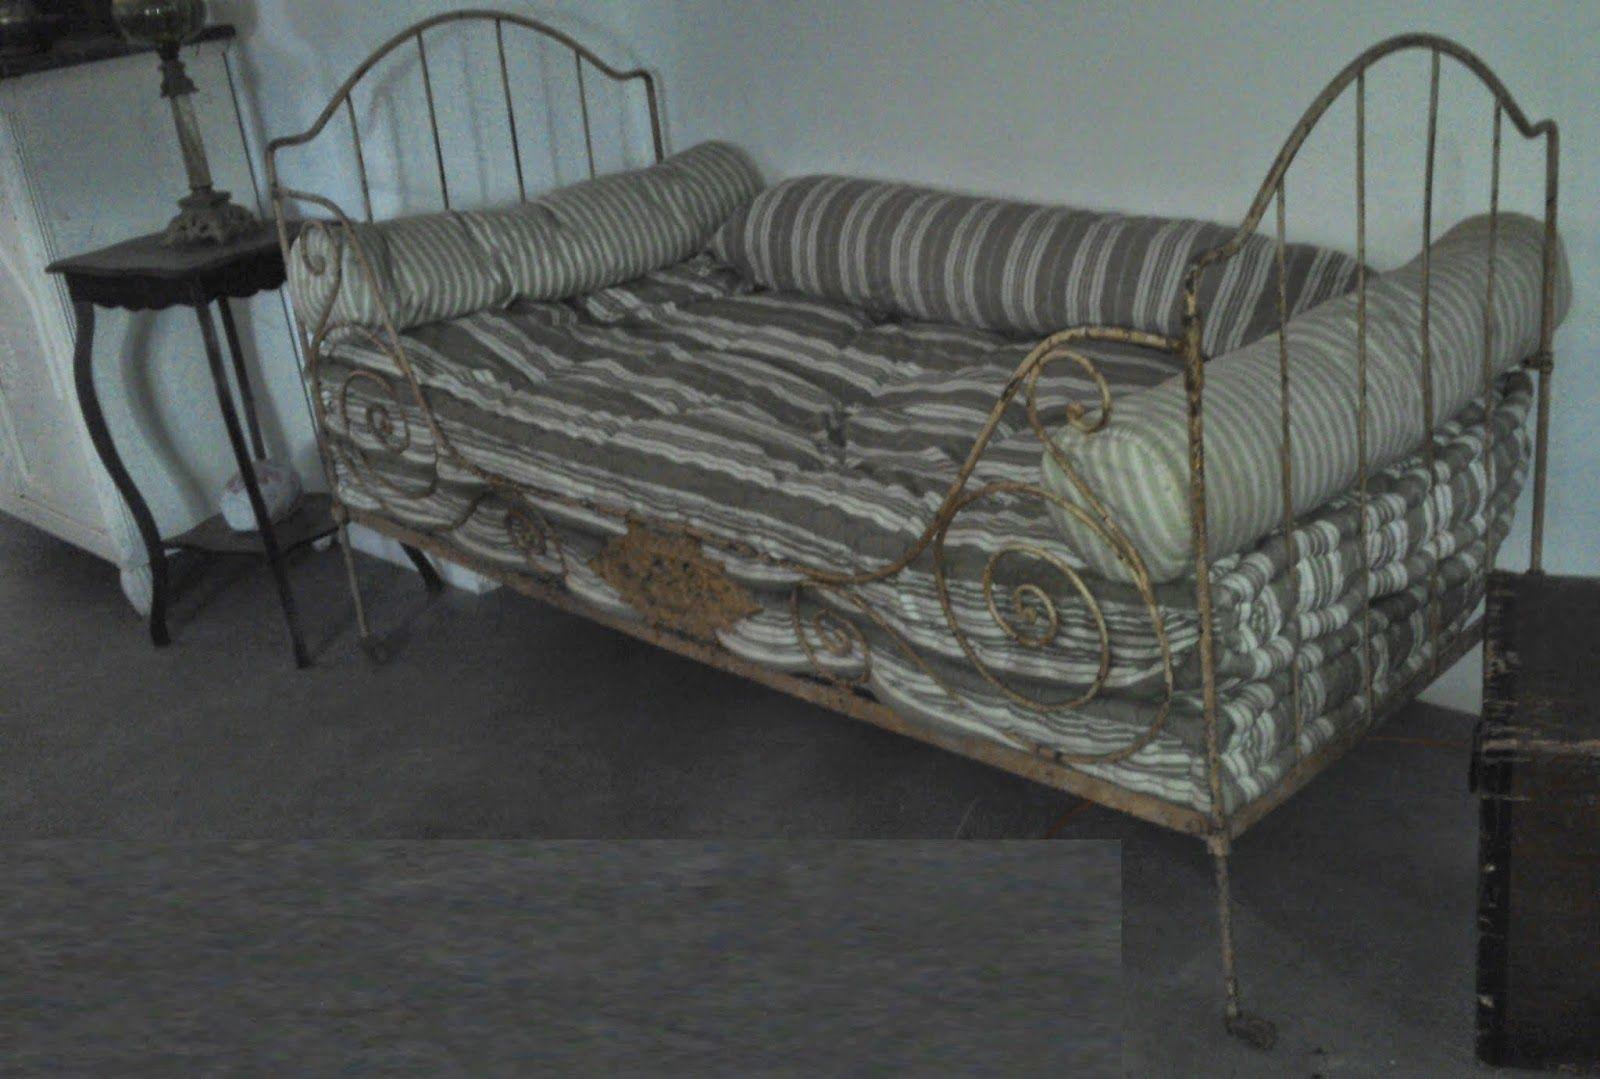 Lit Fer Forge Blanc Place Personne Conforama Pas Cher Noir Ancien En Raison De Petit Exterieur Decoration Murale Furniture Home Decor Chaise Lounge